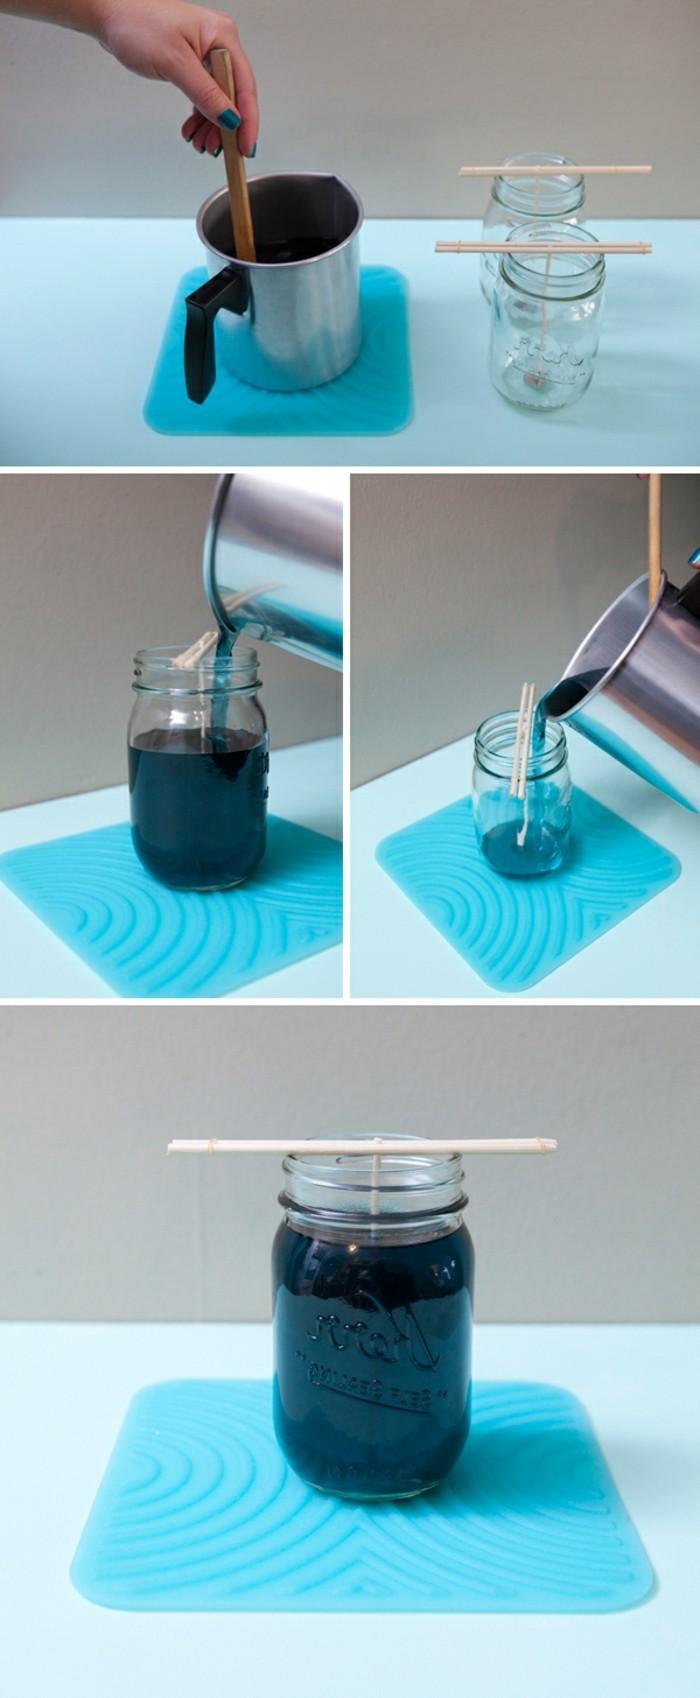 verser-la-cire-dans-le-bougeoir-dernier-etape-du-projet-comment-fabriquer-des-bougies